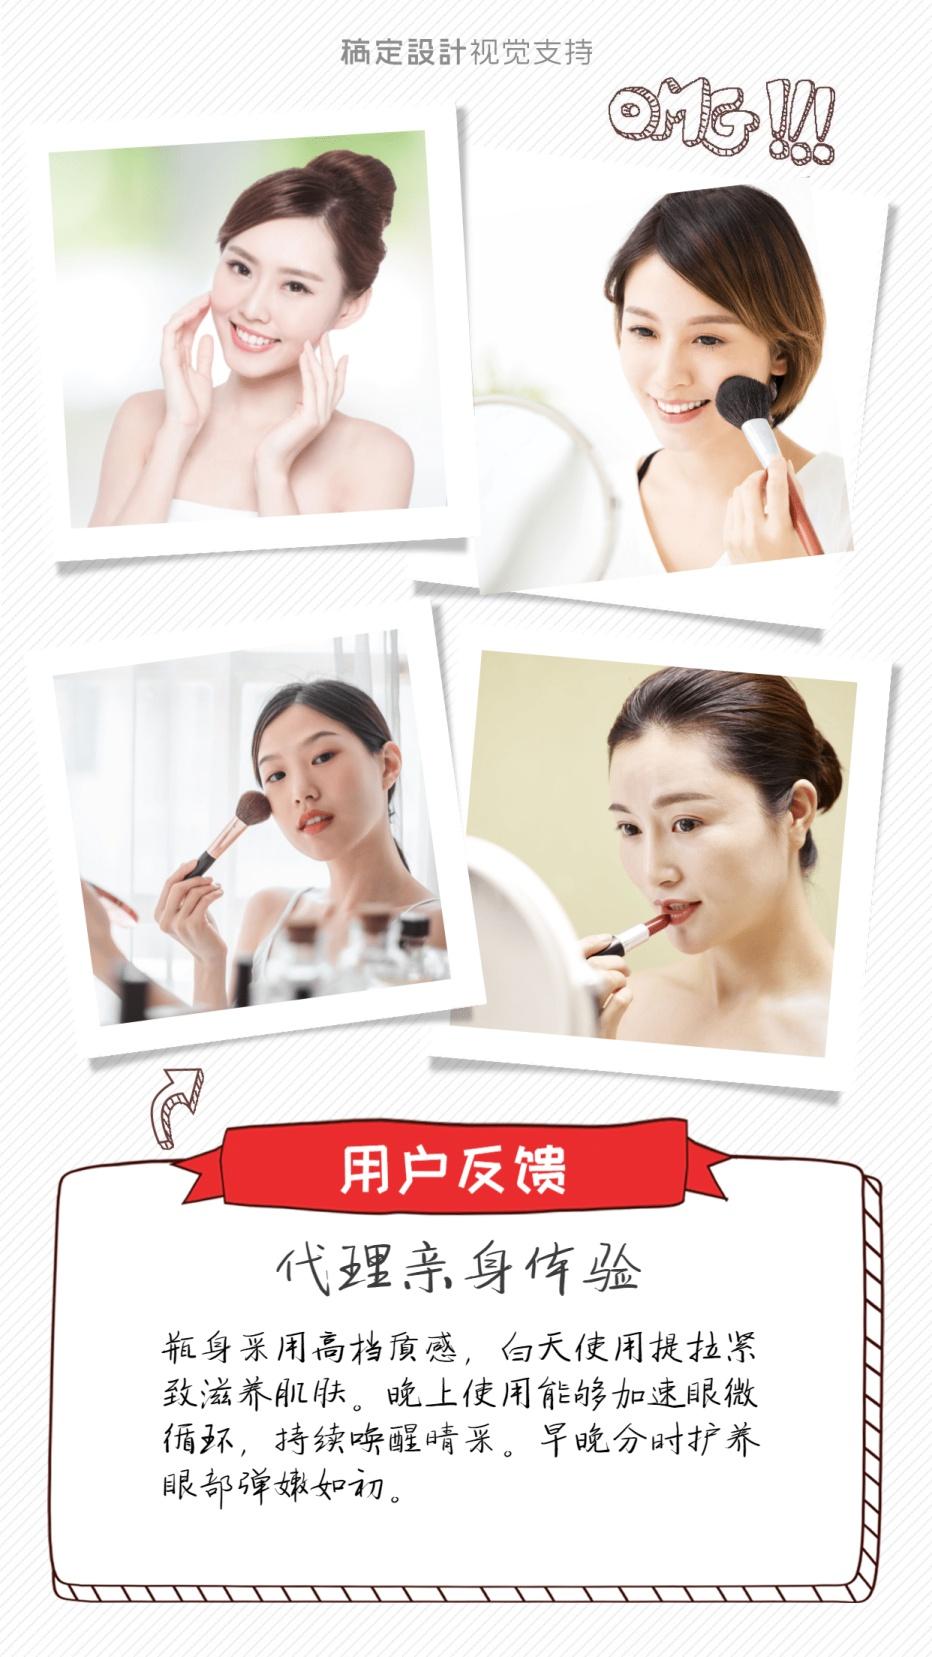 拍立得美容护肤用户反馈对比图